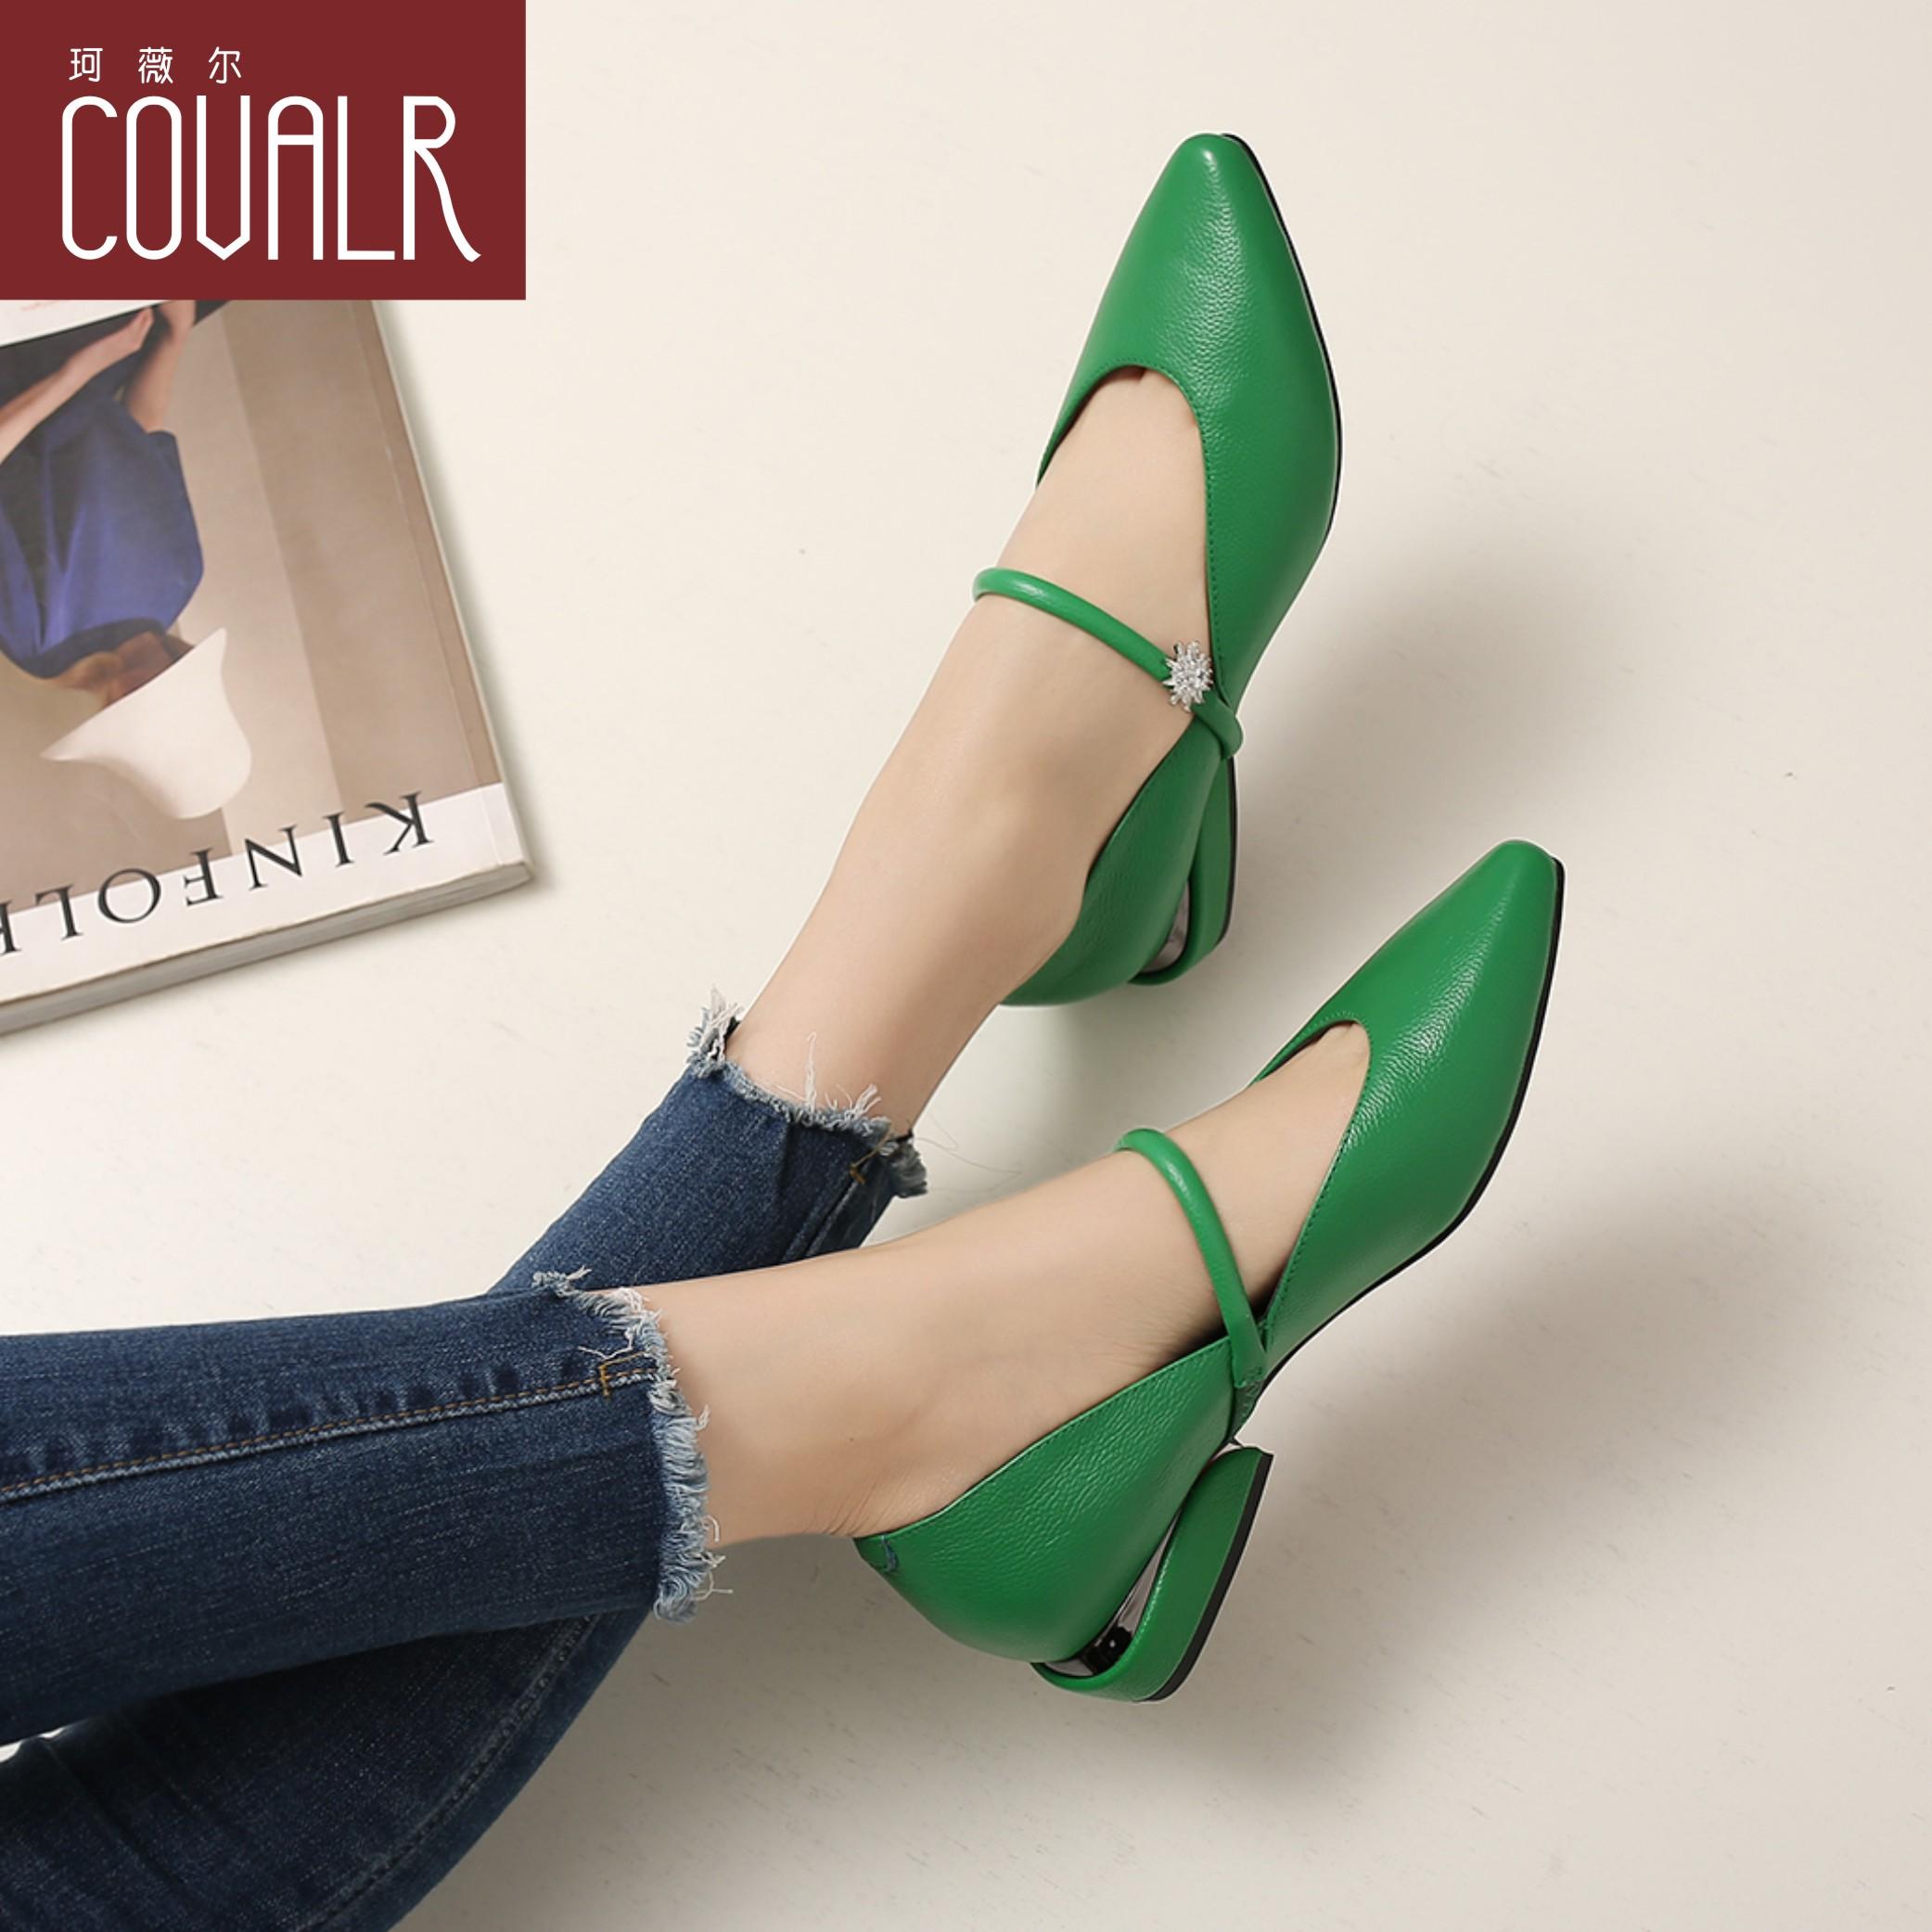 绿色尖头鞋 尖头粗跟玛丽珍低跟软皮单鞋女夏平底2018新款女鞋真皮绿色小皮鞋_推荐淘宝好看的绿色尖头鞋